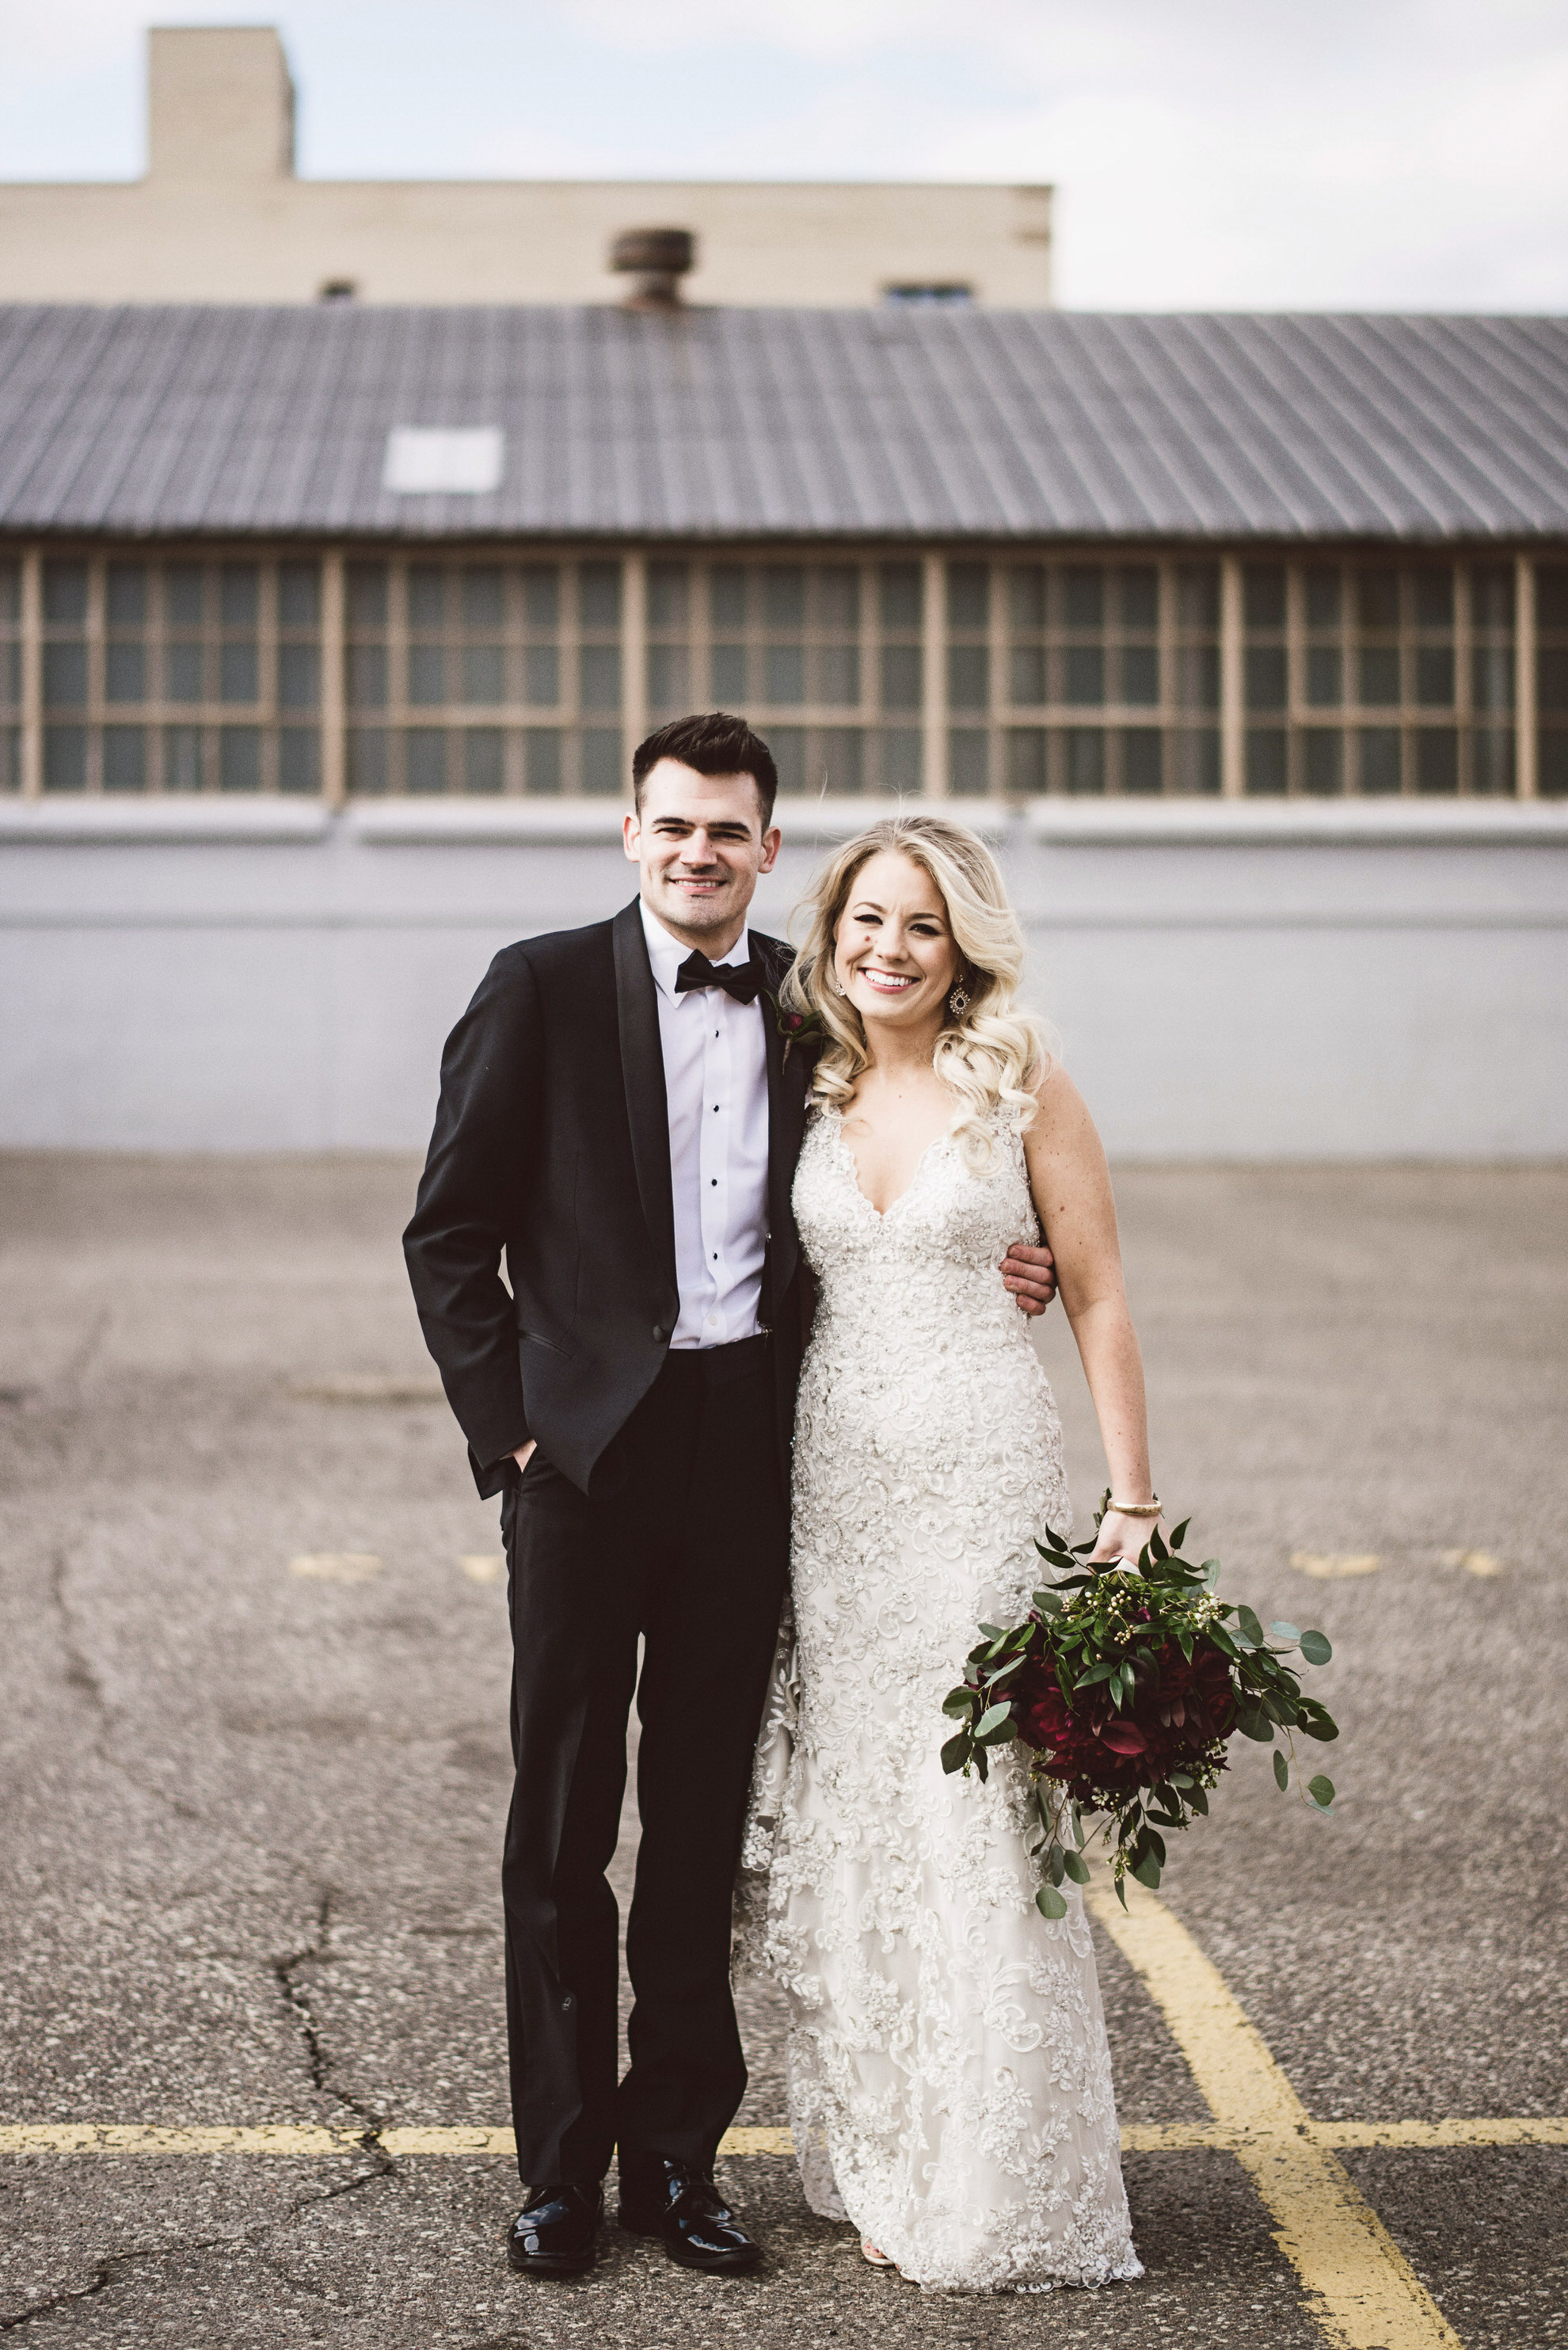 erika_Alex_wedding_by_lucas_botz_photography_0242.jpg